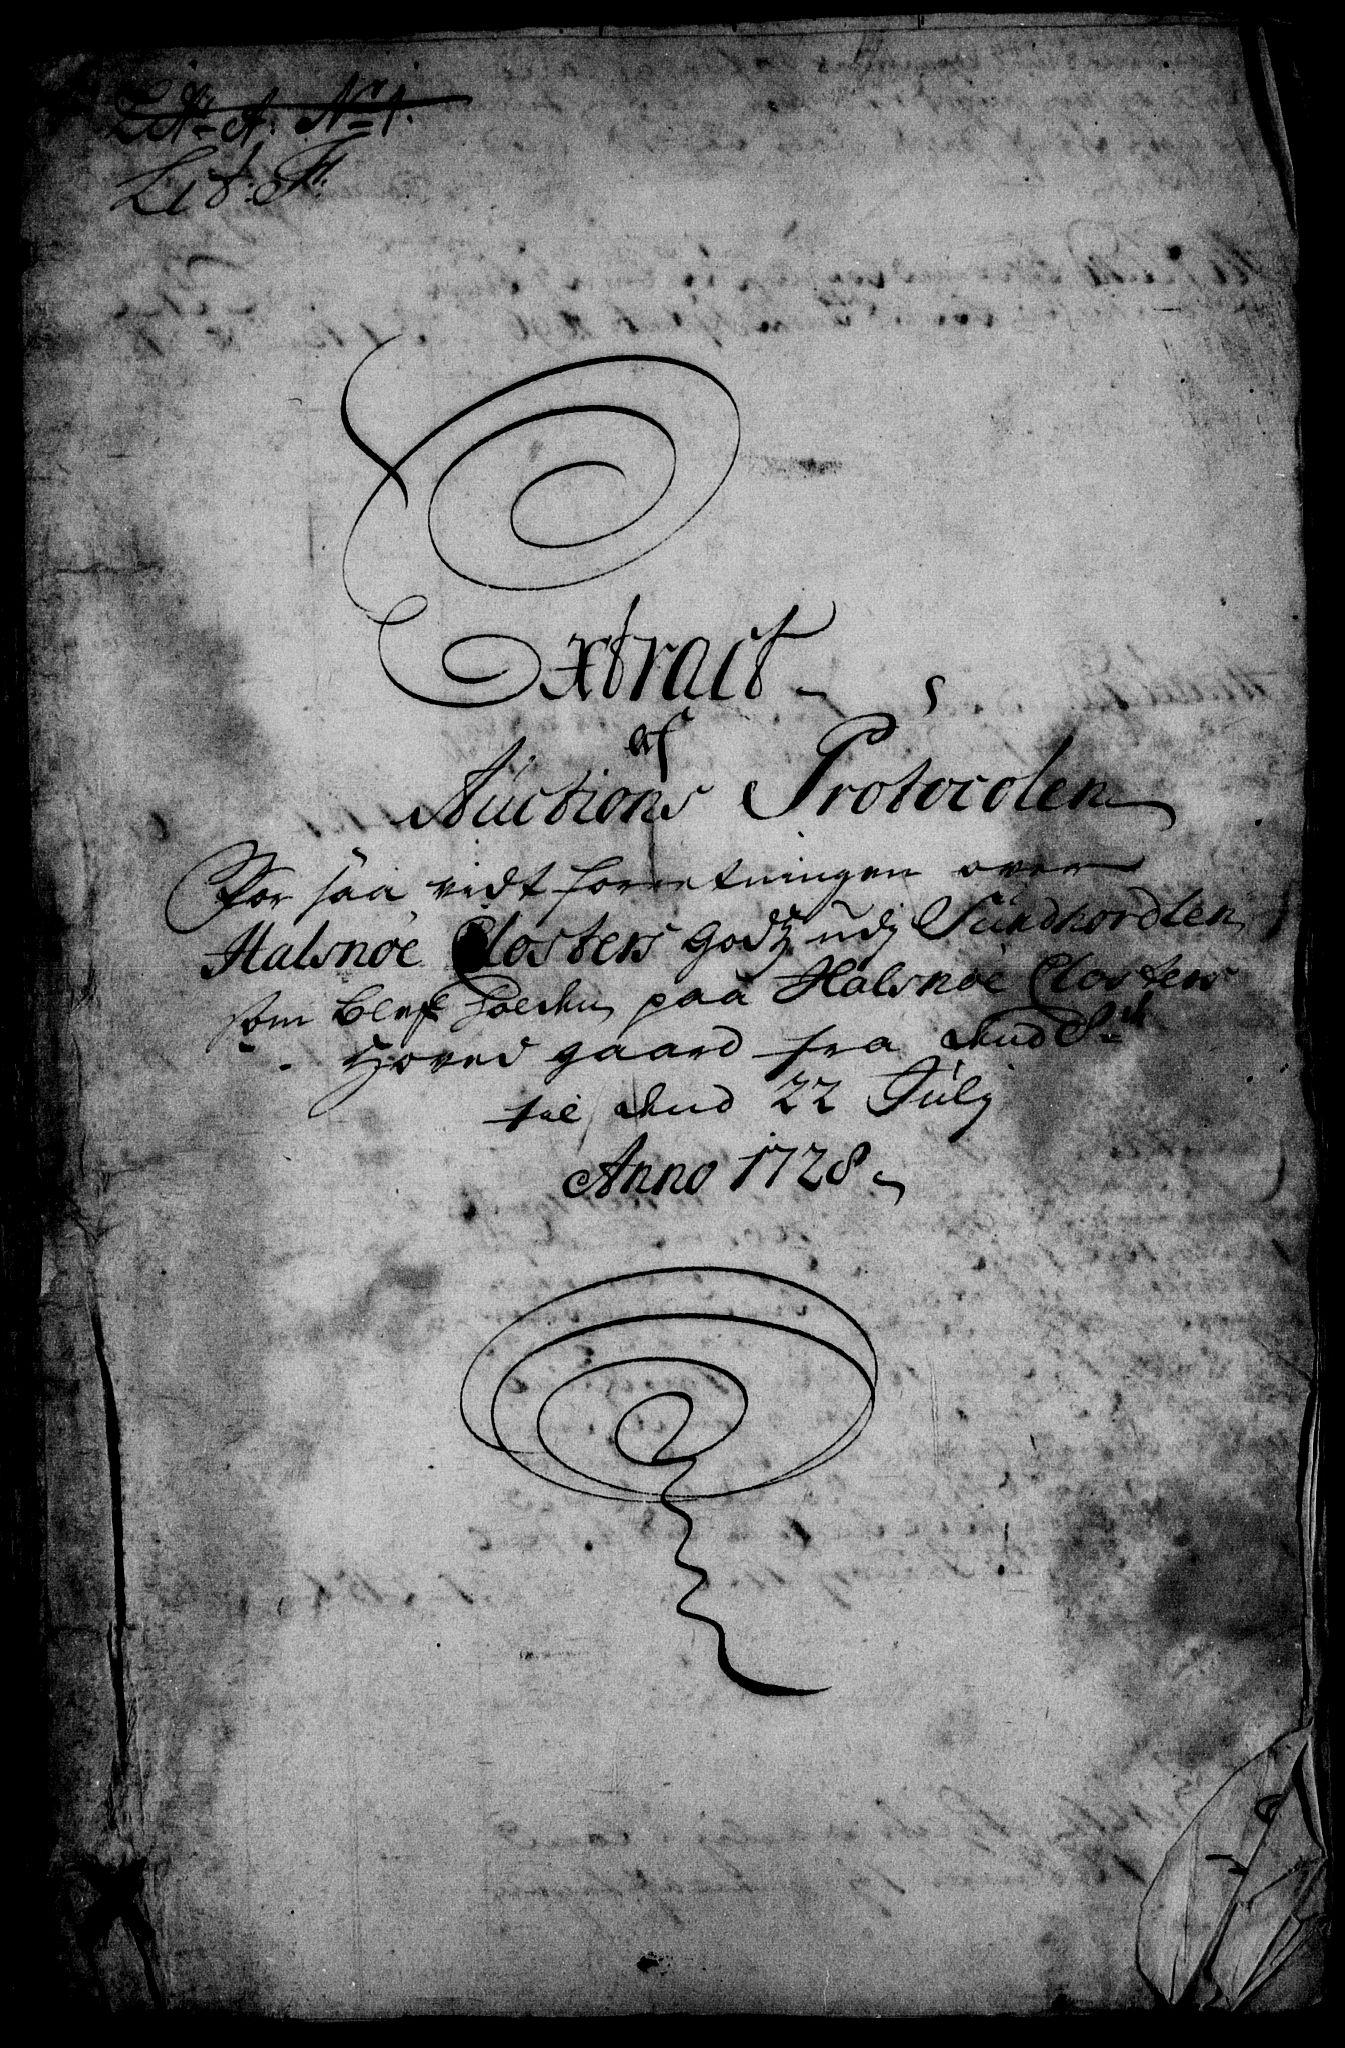 RA, Rentekammeret inntil 1814, Realistisk ordnet avdeling, On/L0003: [Jj 4]: Kommisjonsforretning over Vilhelm Hanssøns forpaktning av Halsnøy klosters gods, 1721-1729, s. 327